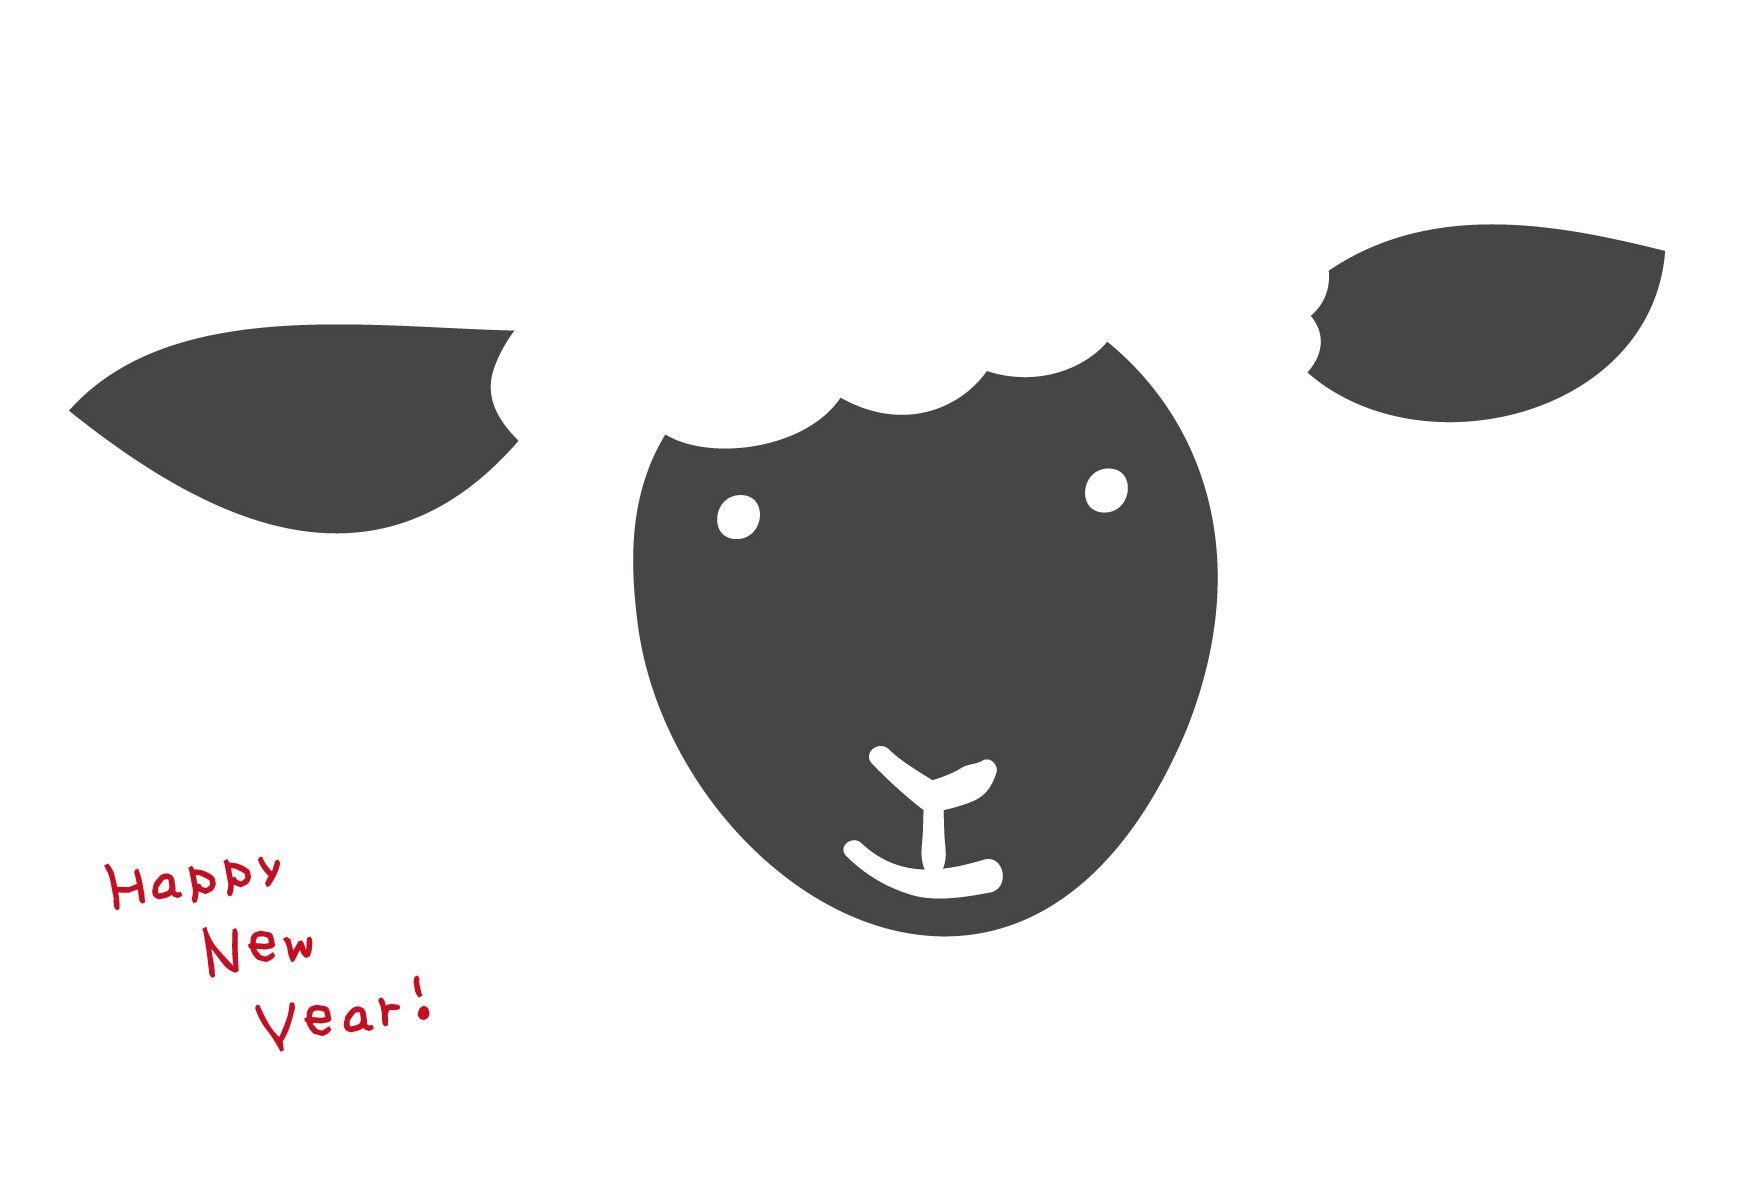 年賀状イラスト素材 テンプレート 年賀素材館プラス 印刷素材 年賀状テンプレート 2015未 羊のアップ2ダウンロード 年賀状 イラスト 素材 年賀状 年賀状 テンプレート